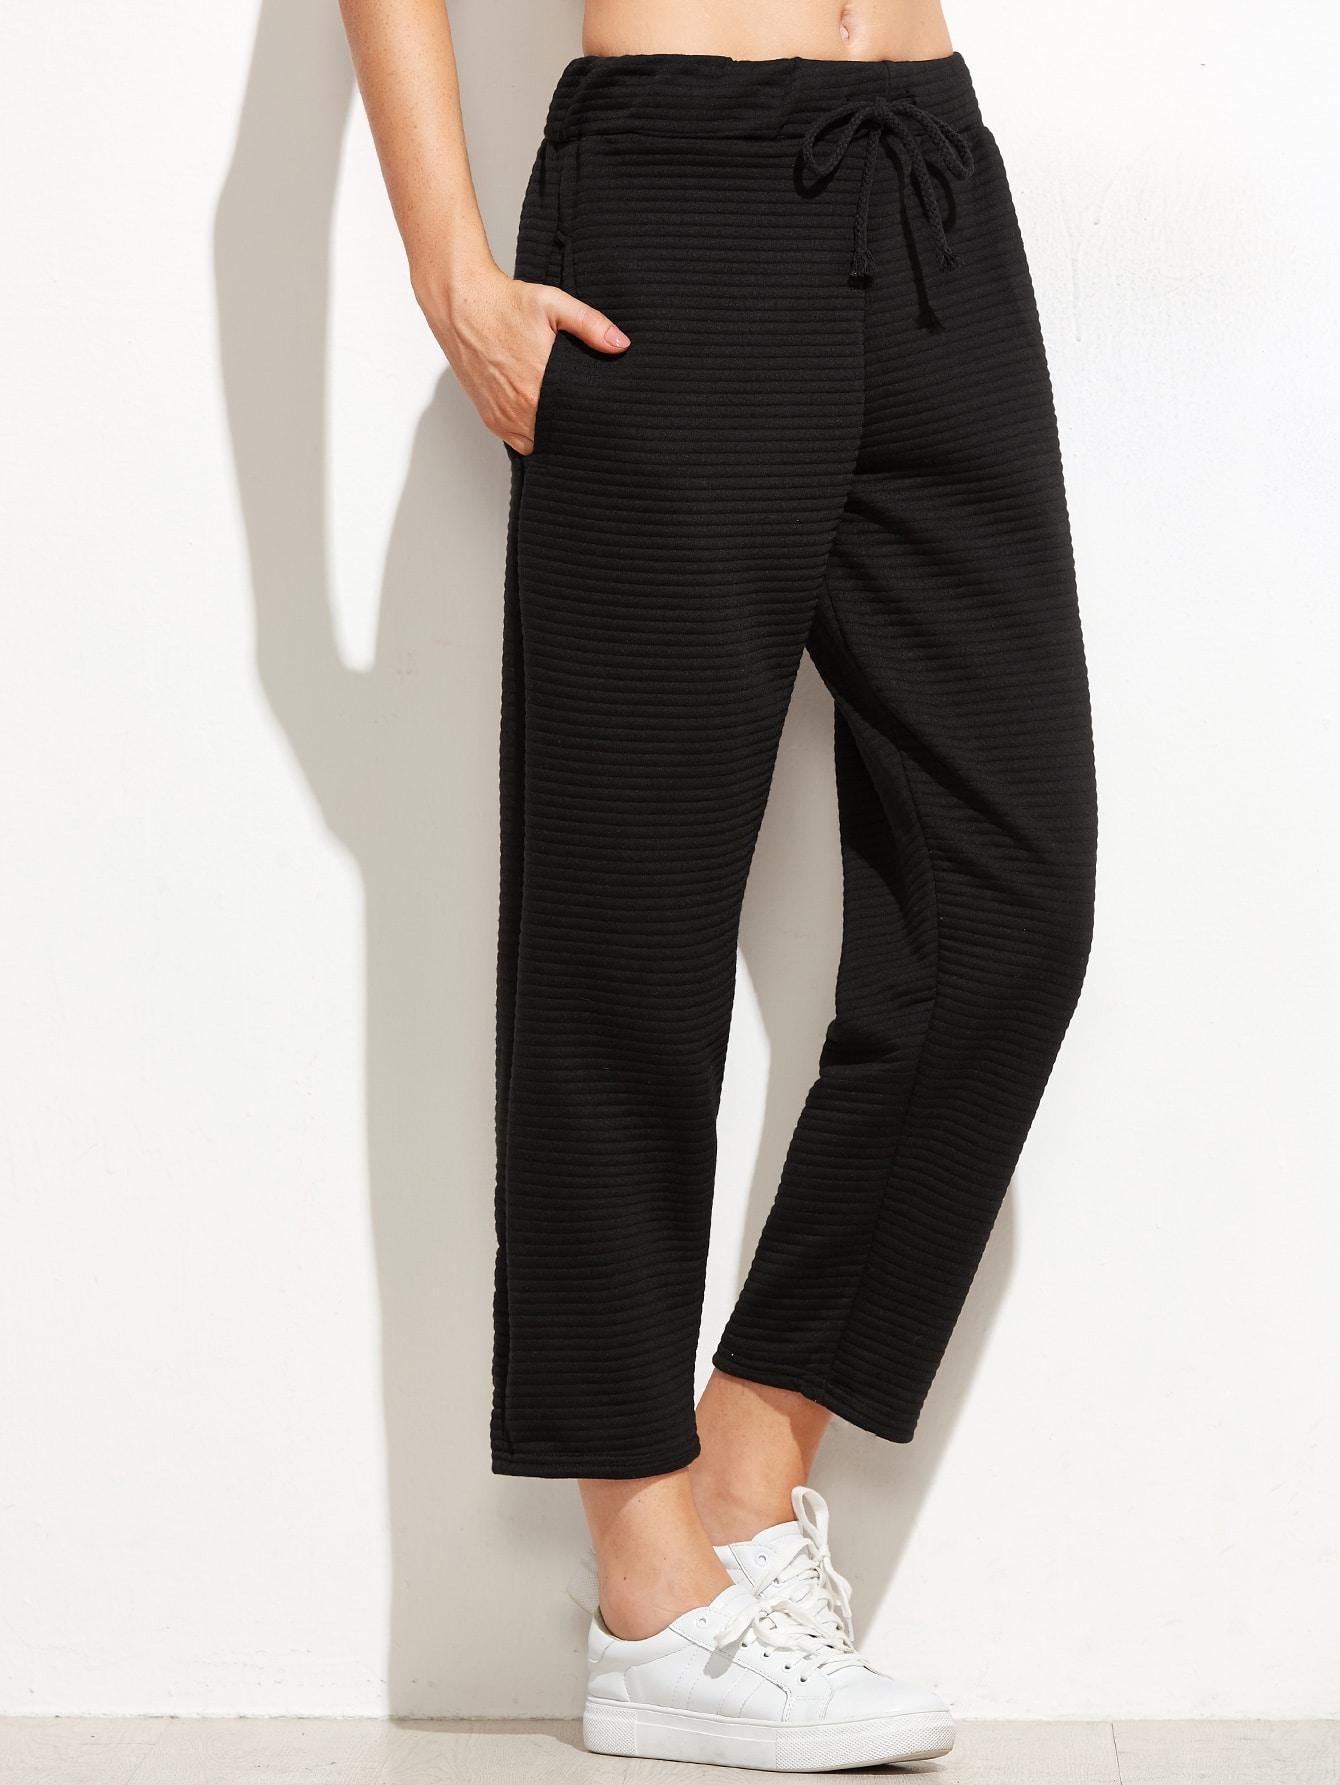 Drawstring Ribbed Black Pants pants160930101